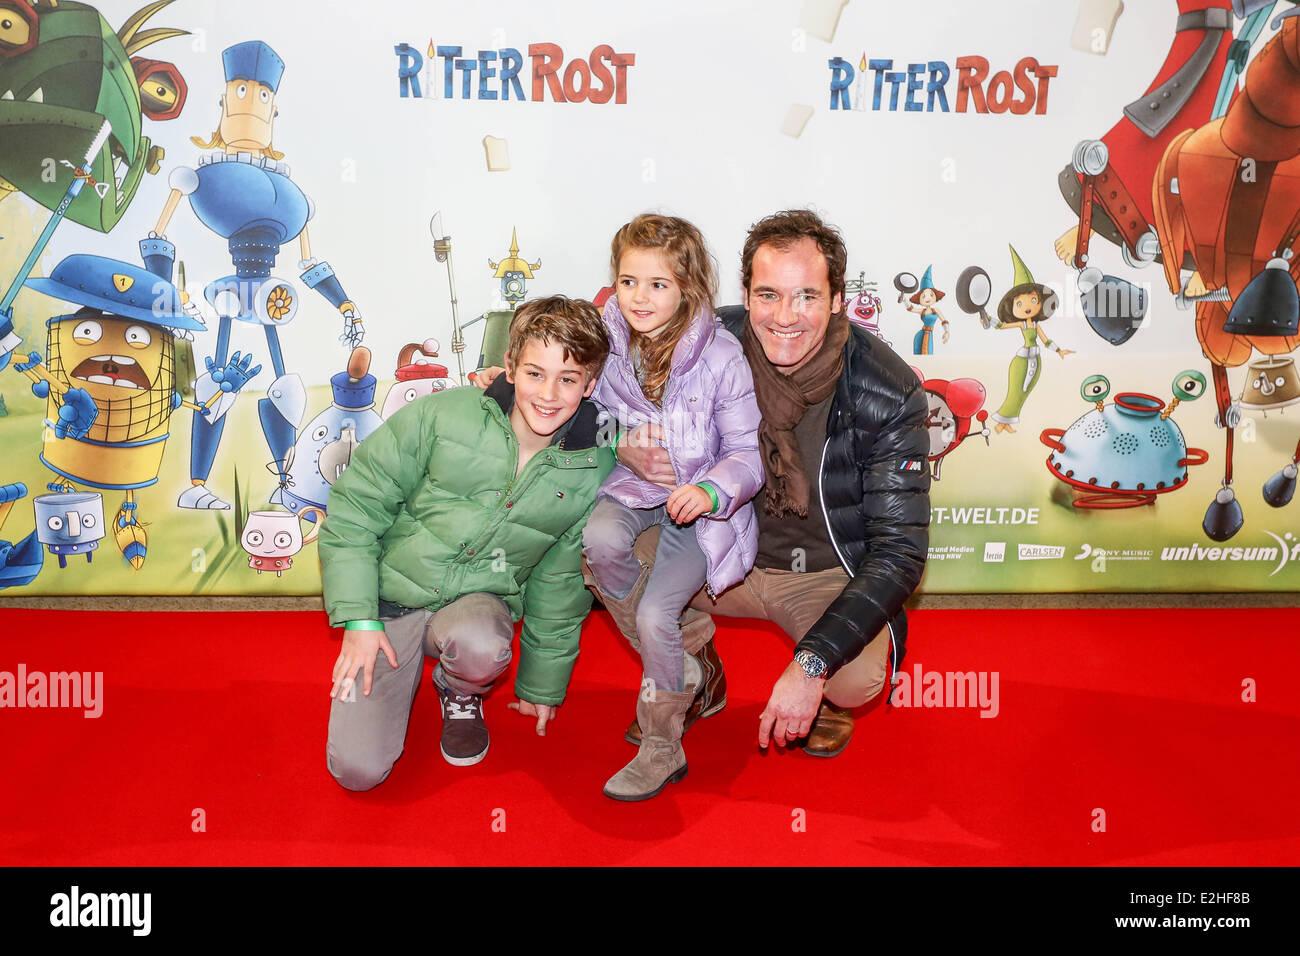 Thomas Ohrner Und Sohn Fabian Und Tochter Pauline Am Ritter Rost